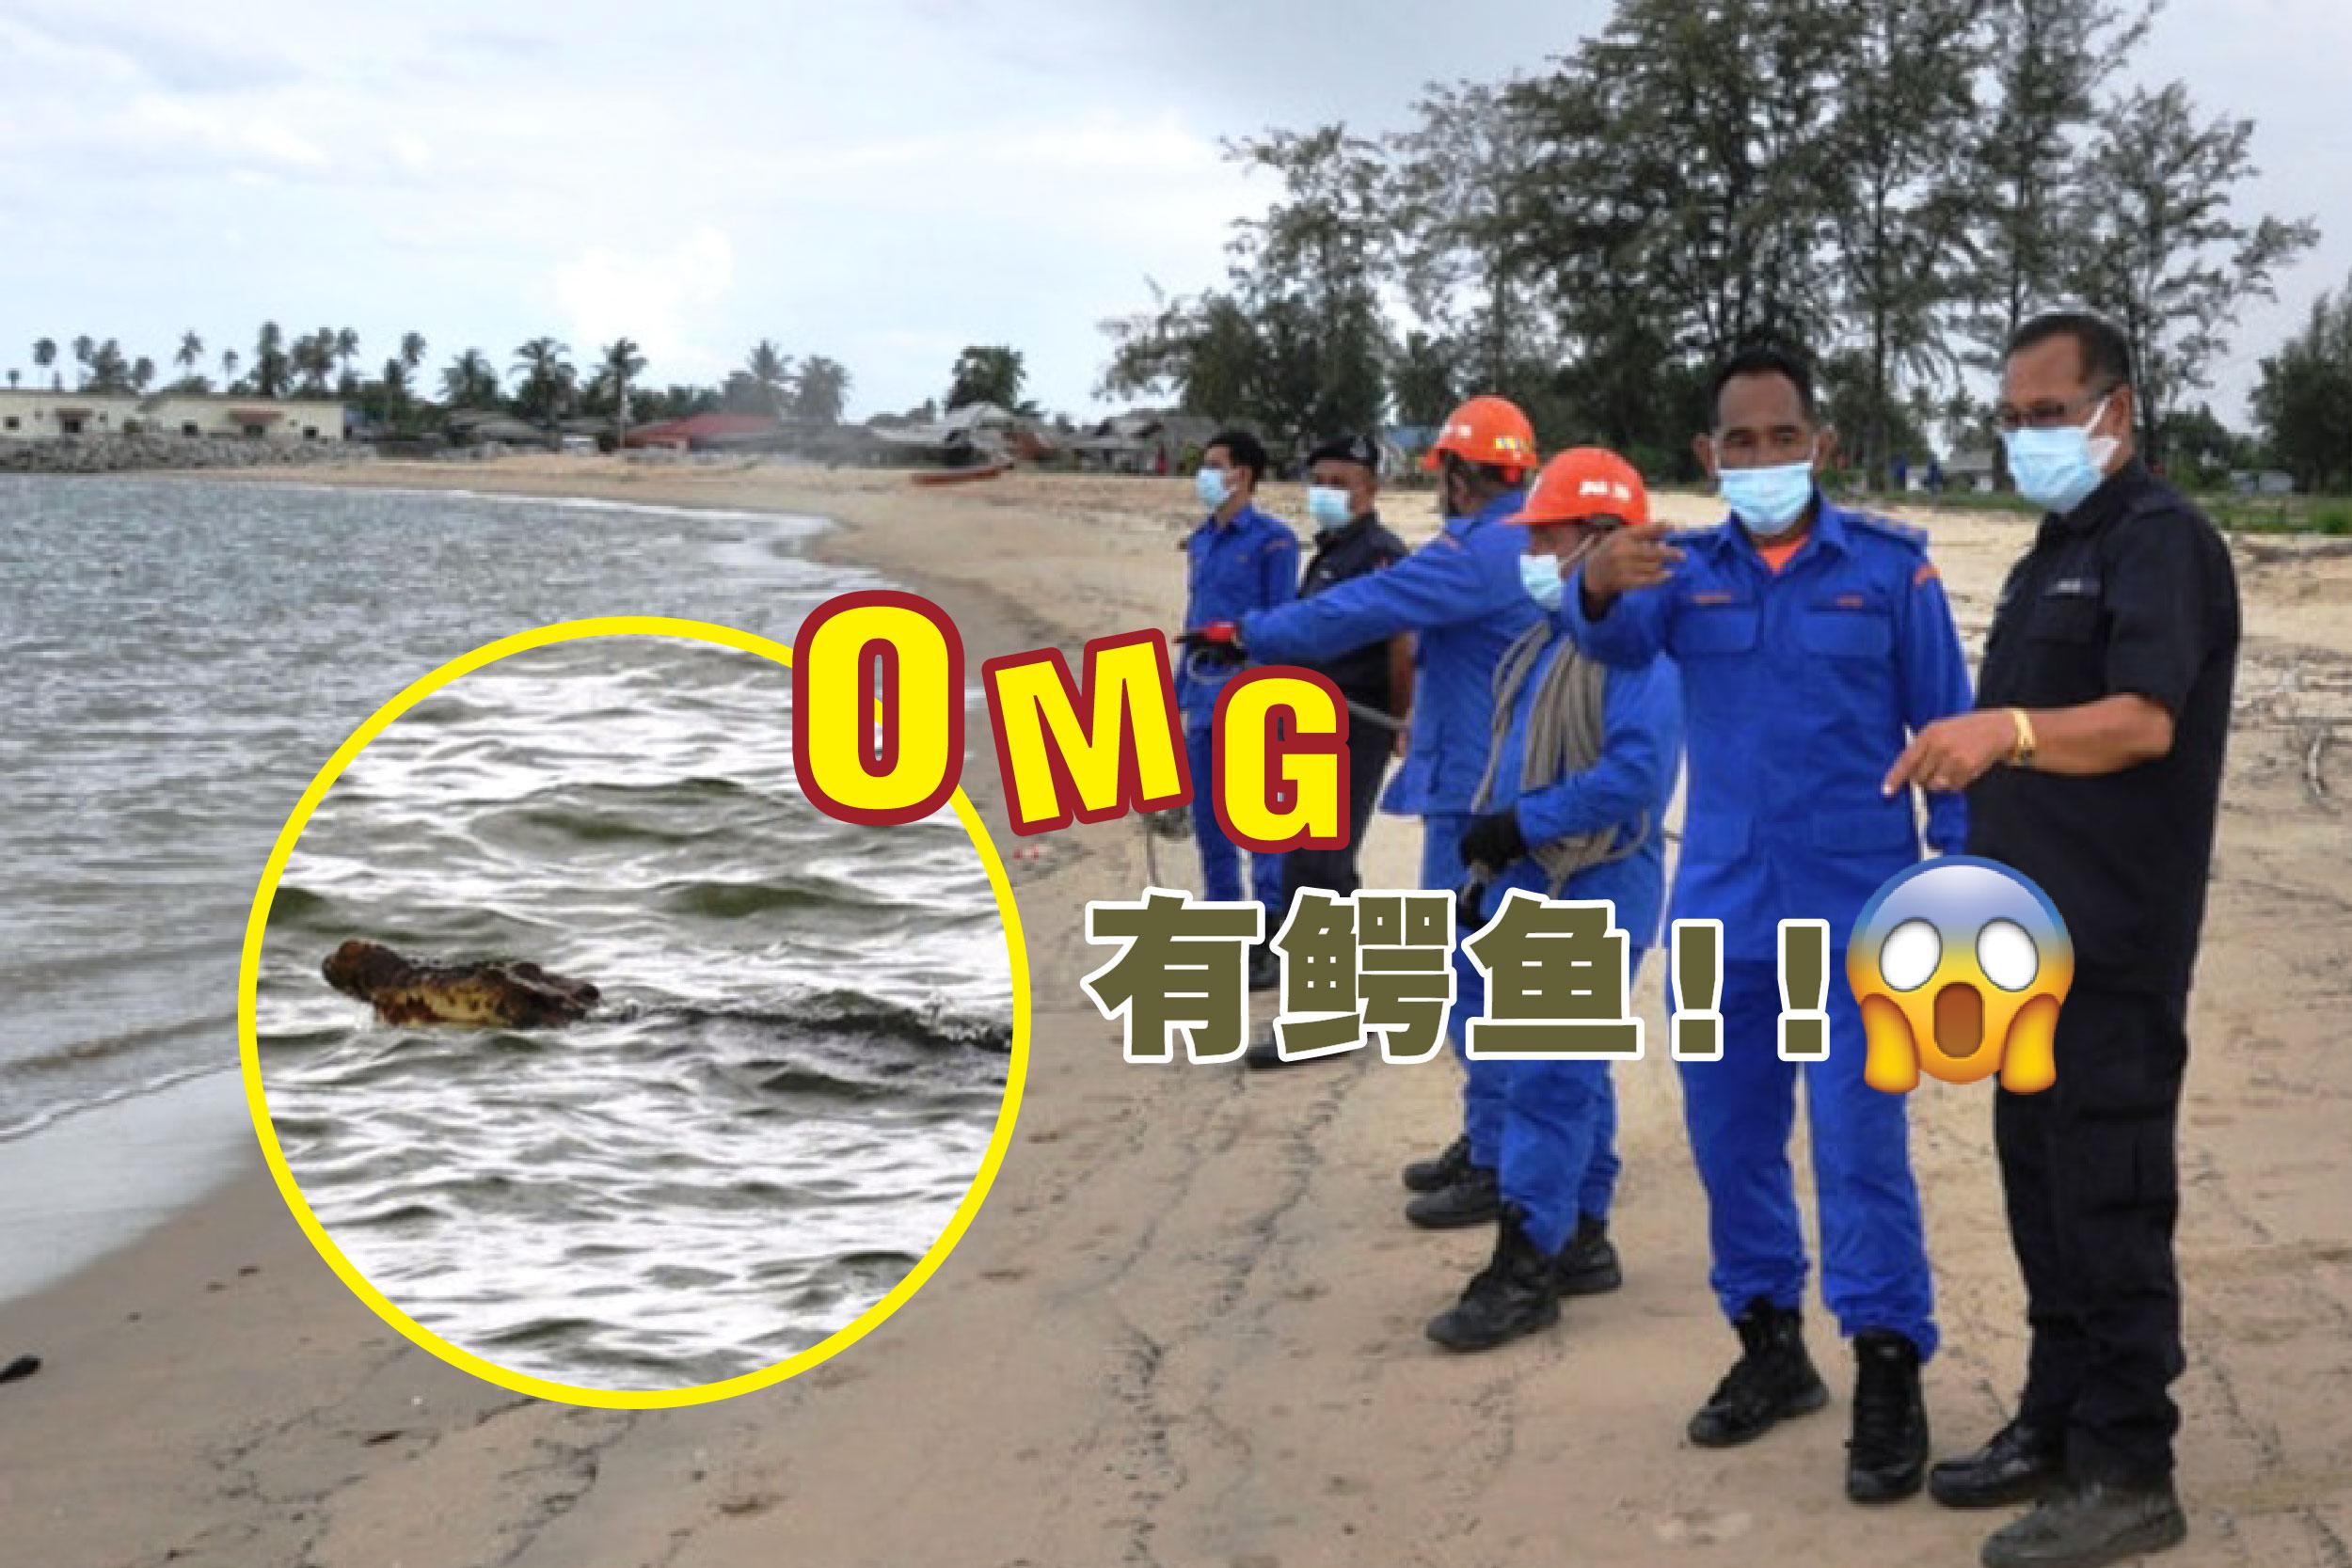 登嘉楼瓜拉勿述沙滩惊现鳄鱼踪影,惊呆了住在附近的村民。-马新社/精彩大马制图-